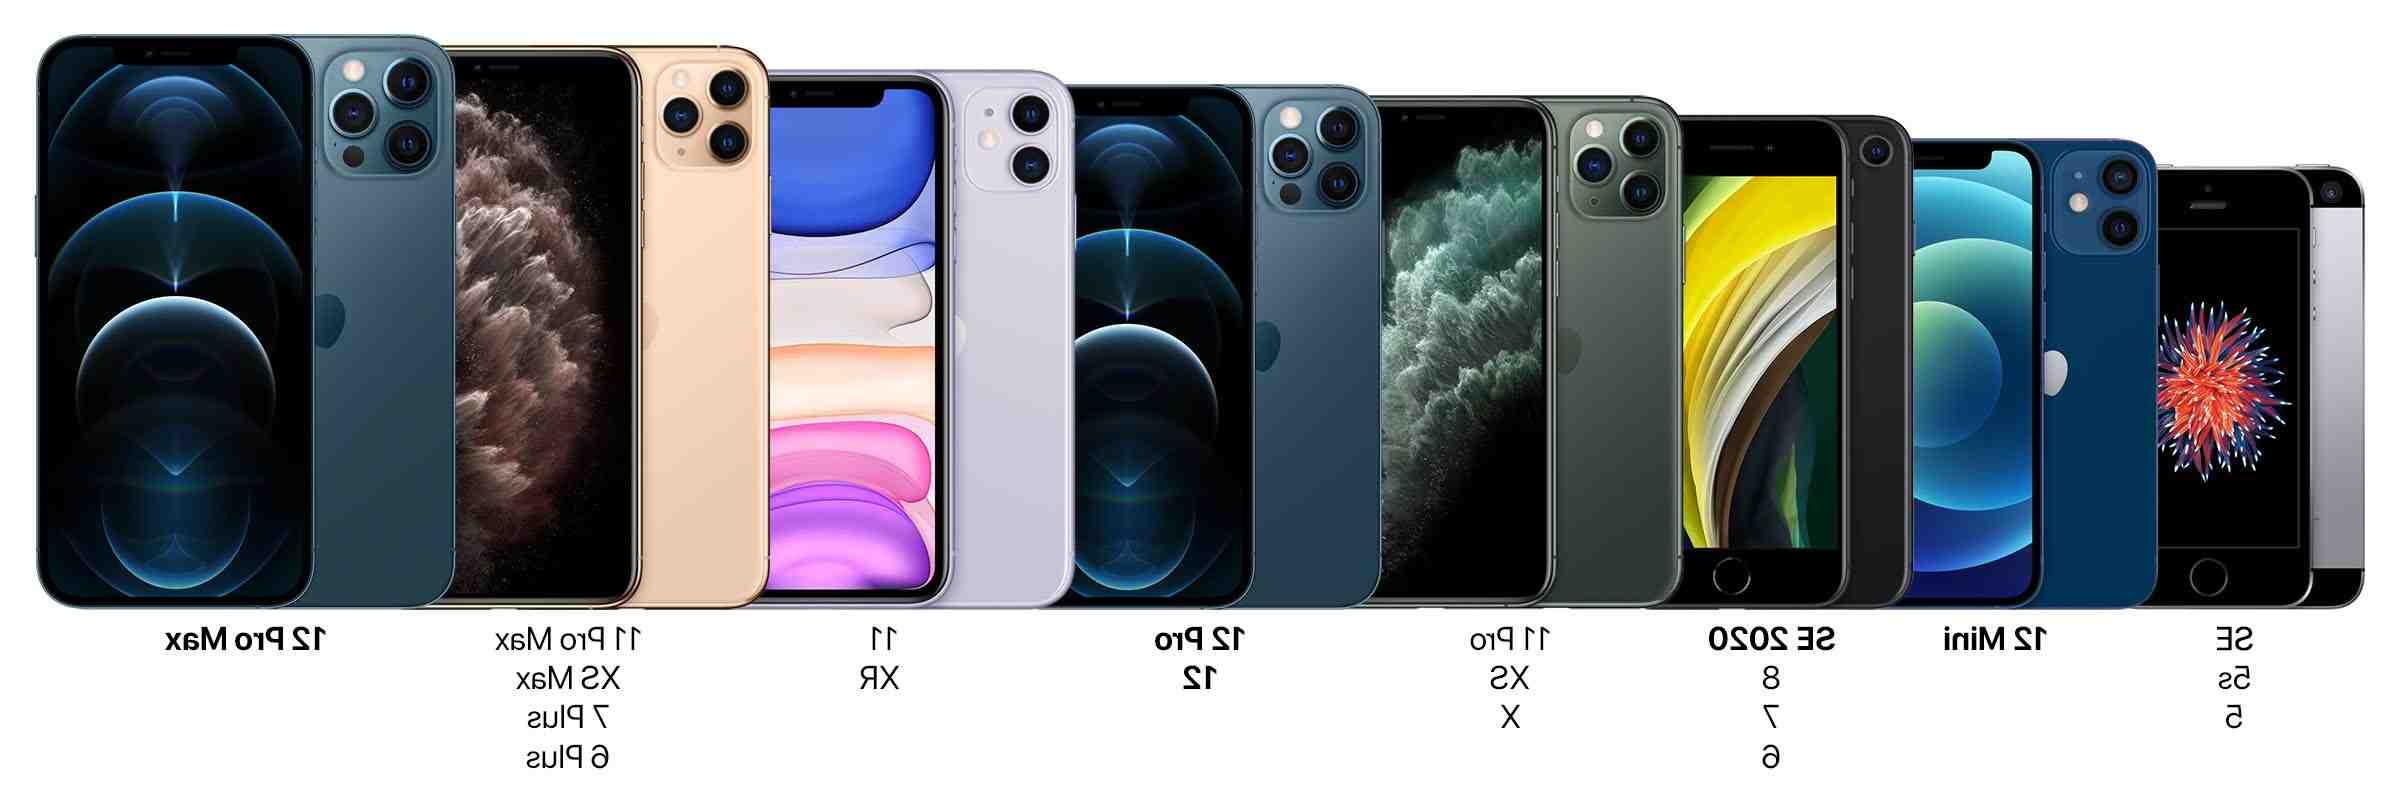 Taille de l'iphone 11 pro max